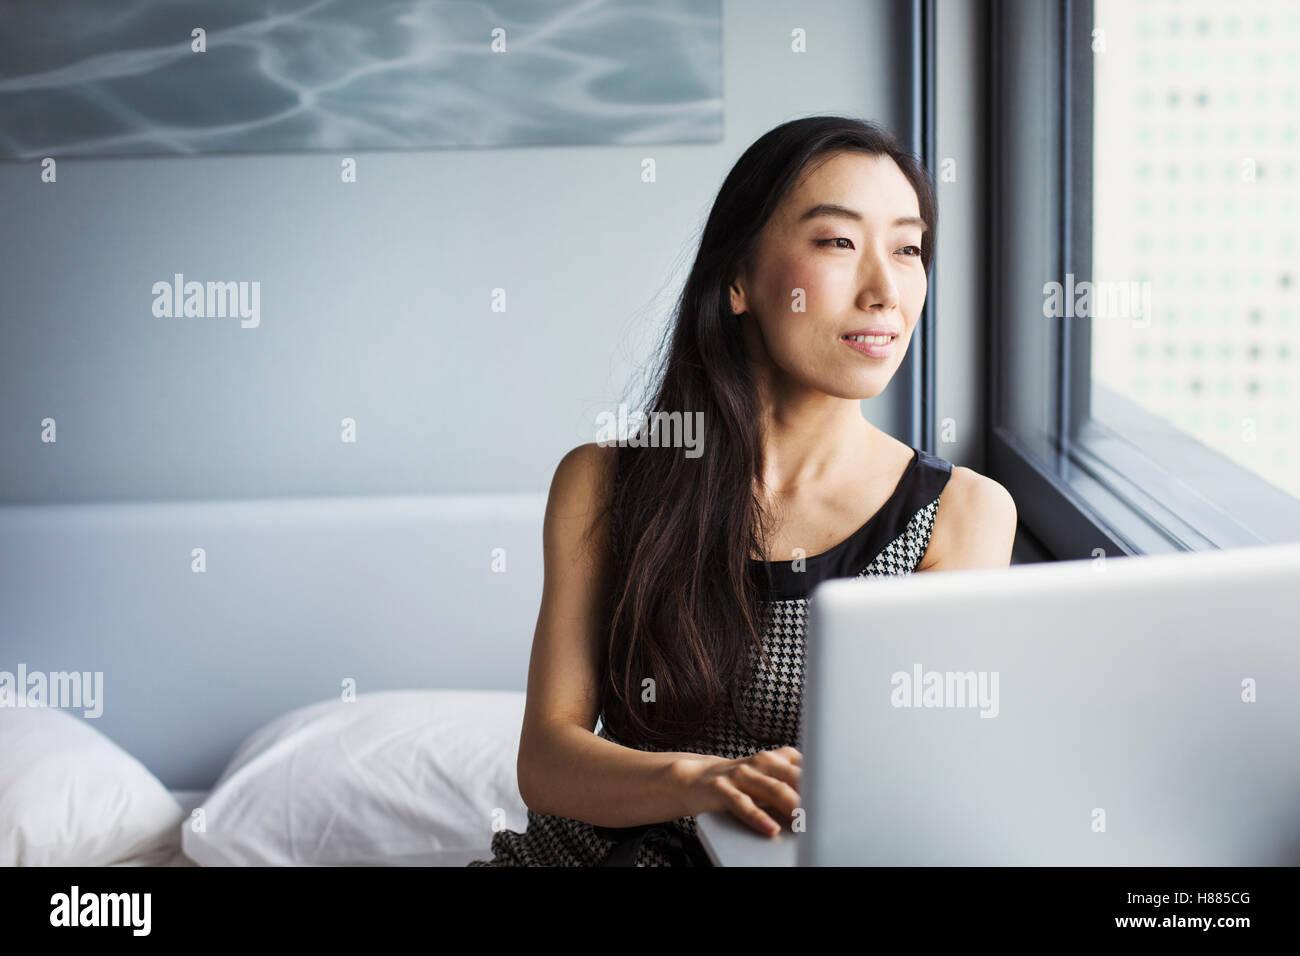 Une femme d'affaires habillé, assis sur son lit à l'aide d'un ordinateur portable. Photo Stock